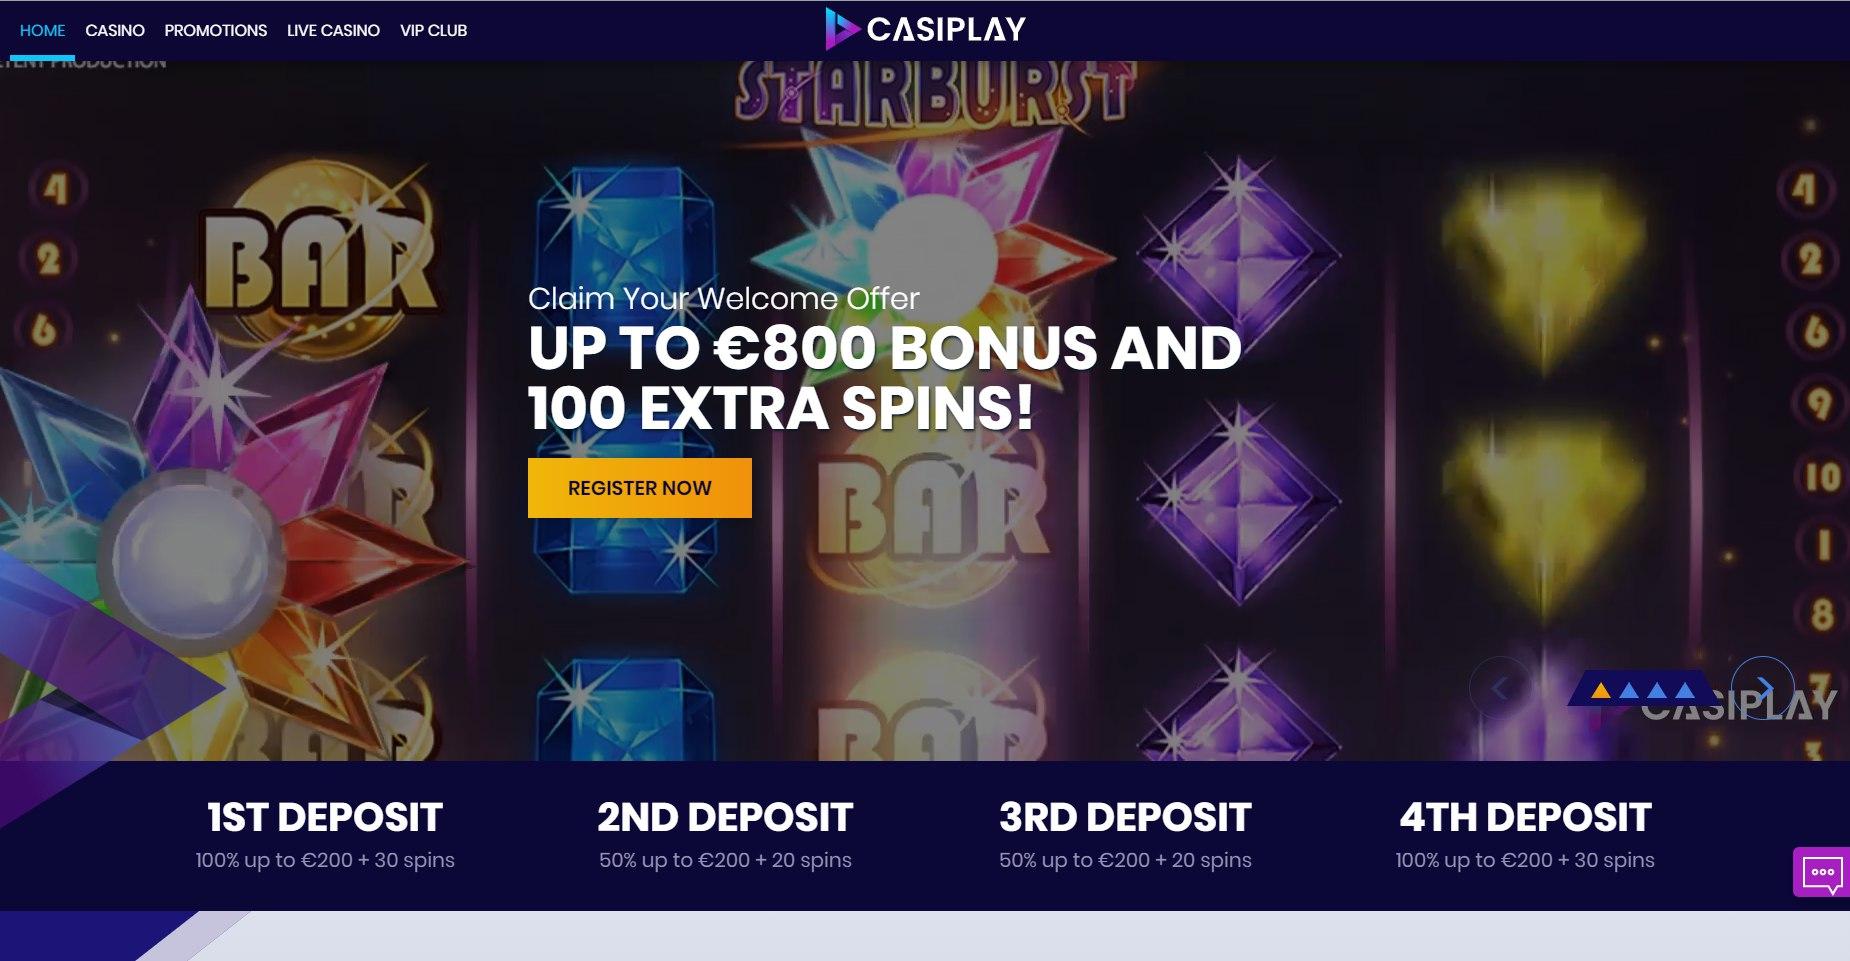 New casinos online 2021 förlorare